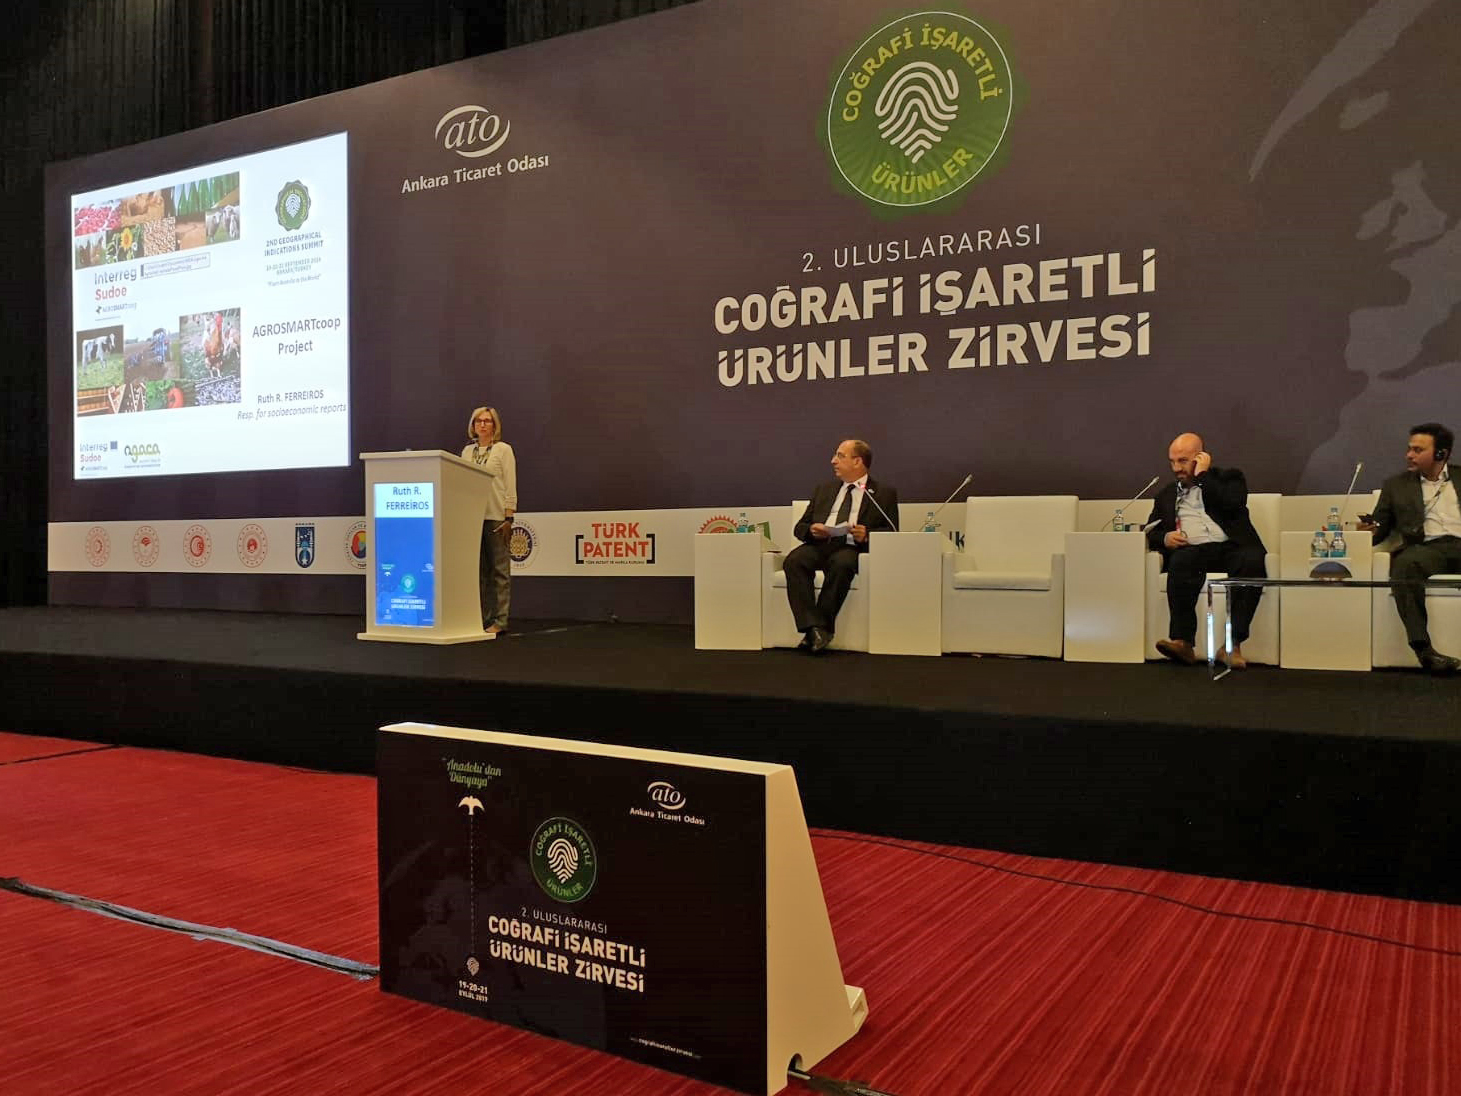 O proxecto europeo AGROSMARTcoop presentouse no II Cume de Indicacións Xeográficas, en Turquía